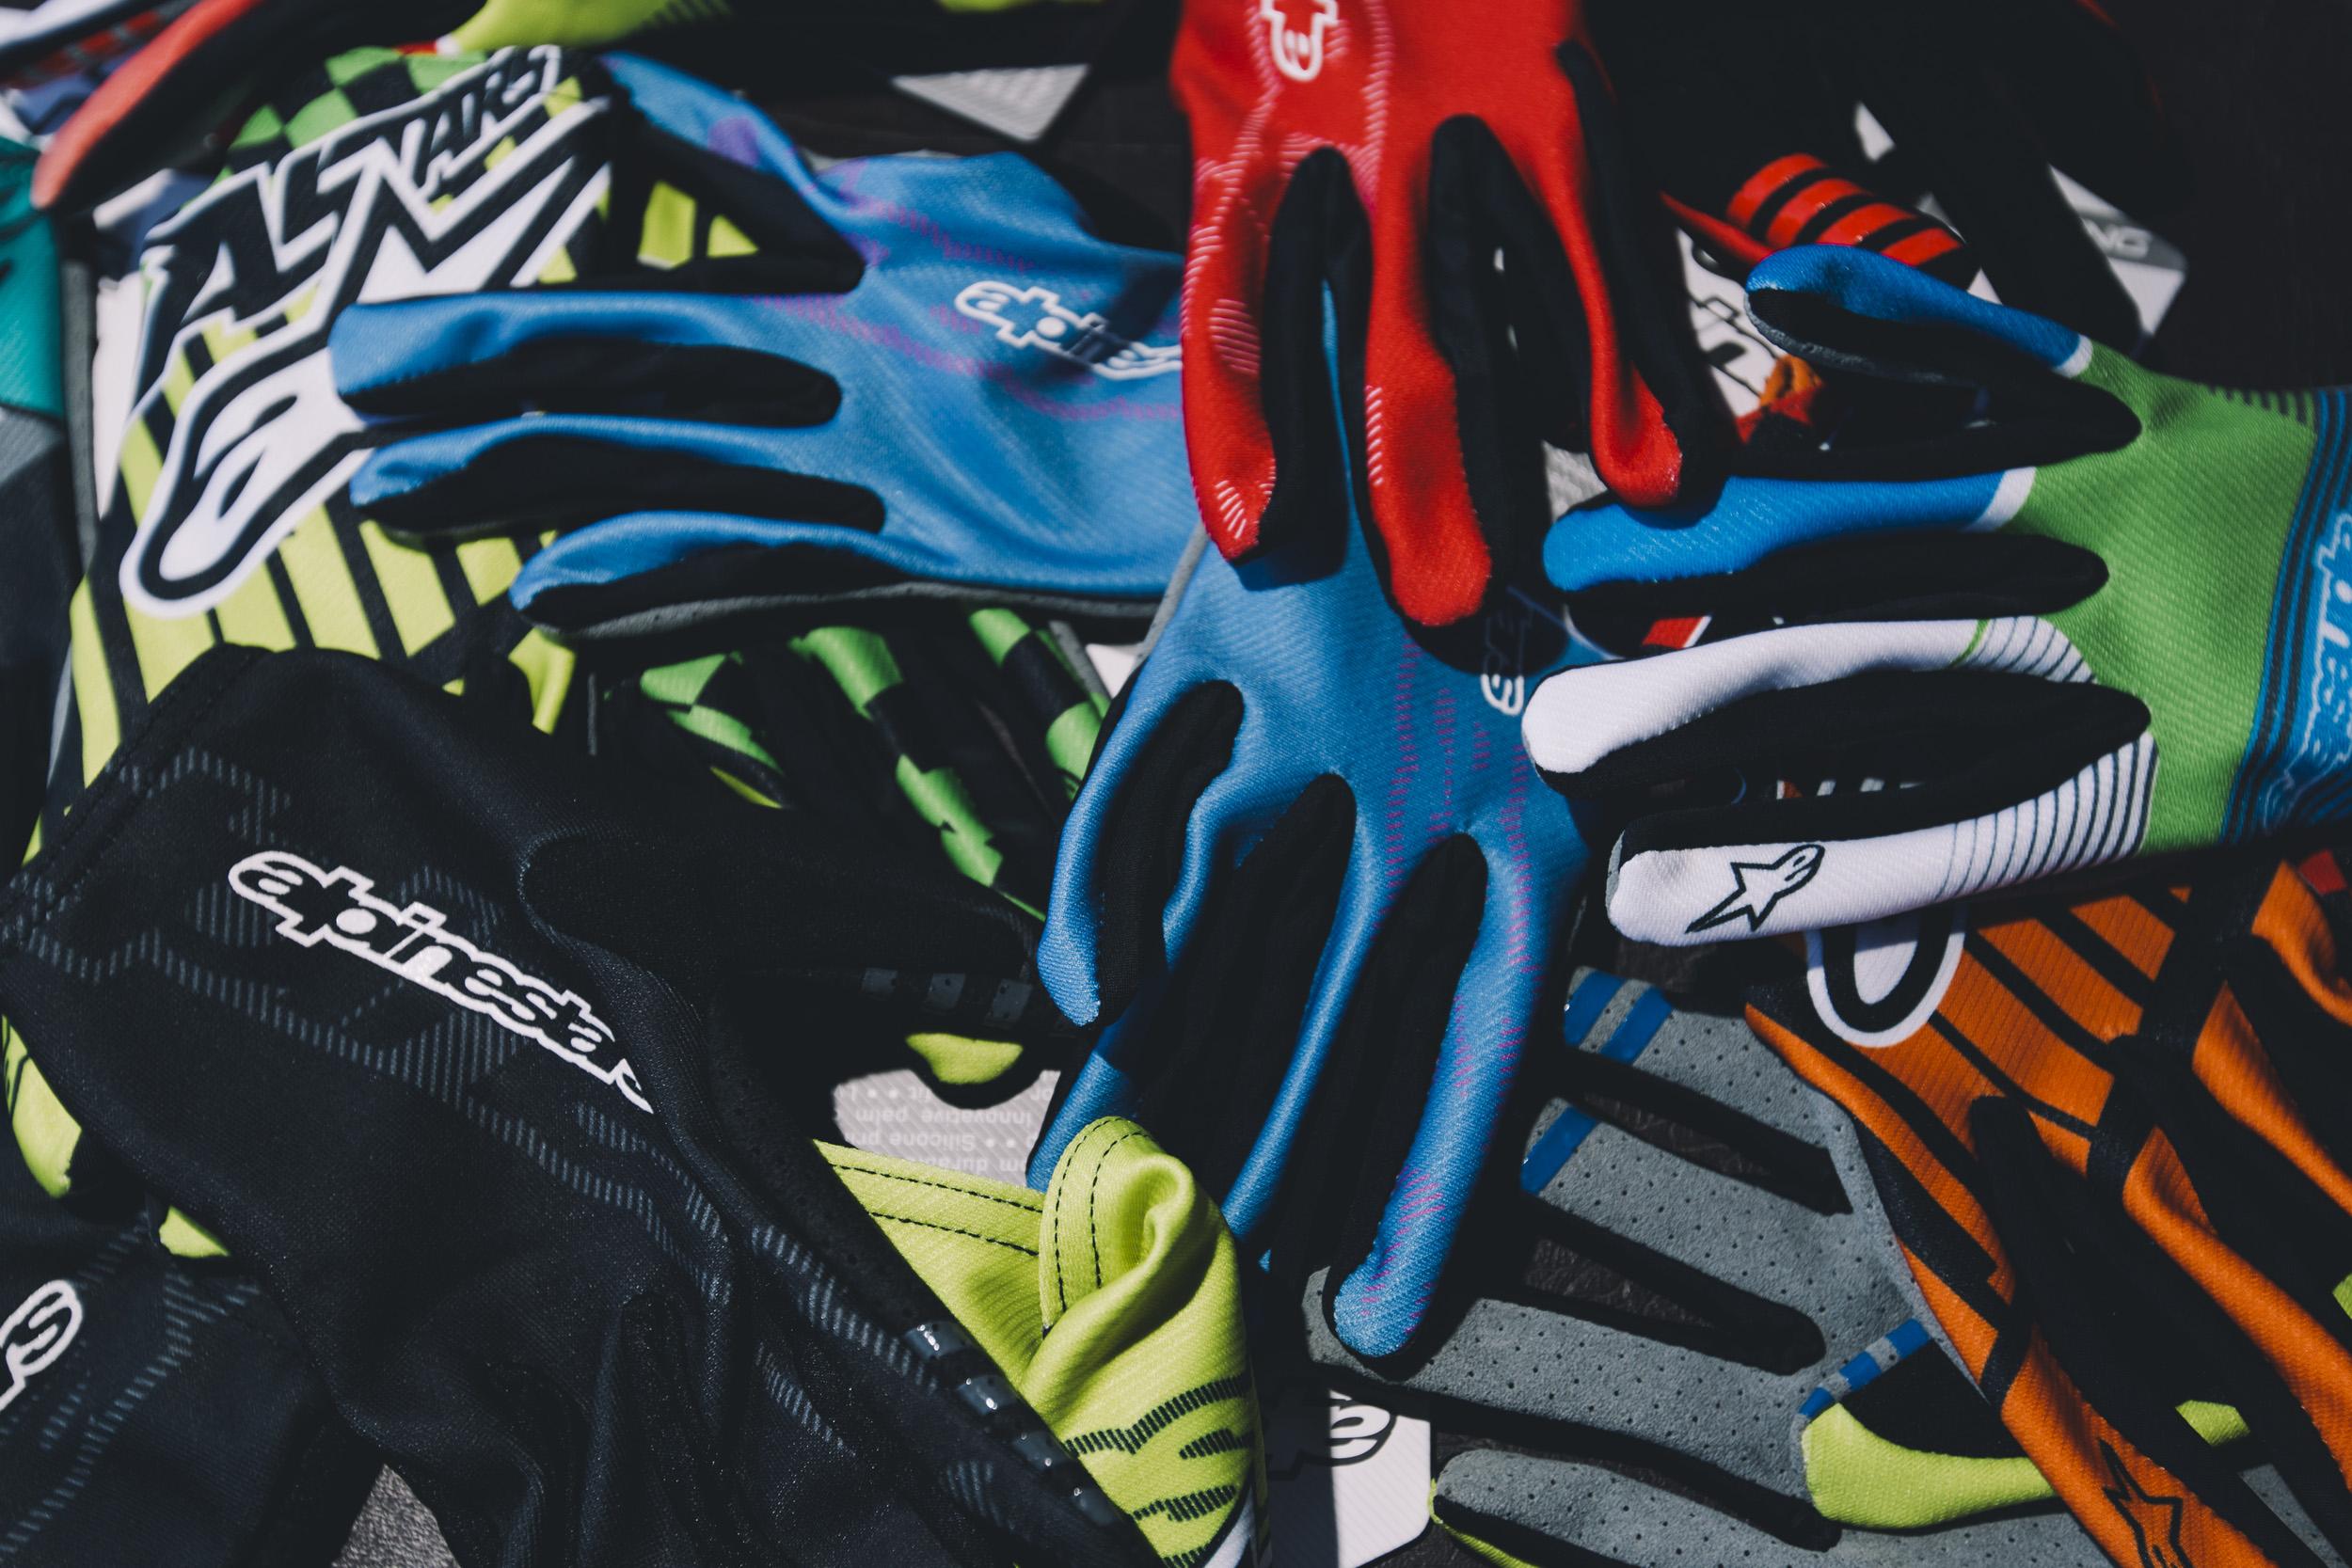 Alphinestar's F-Lite gloves